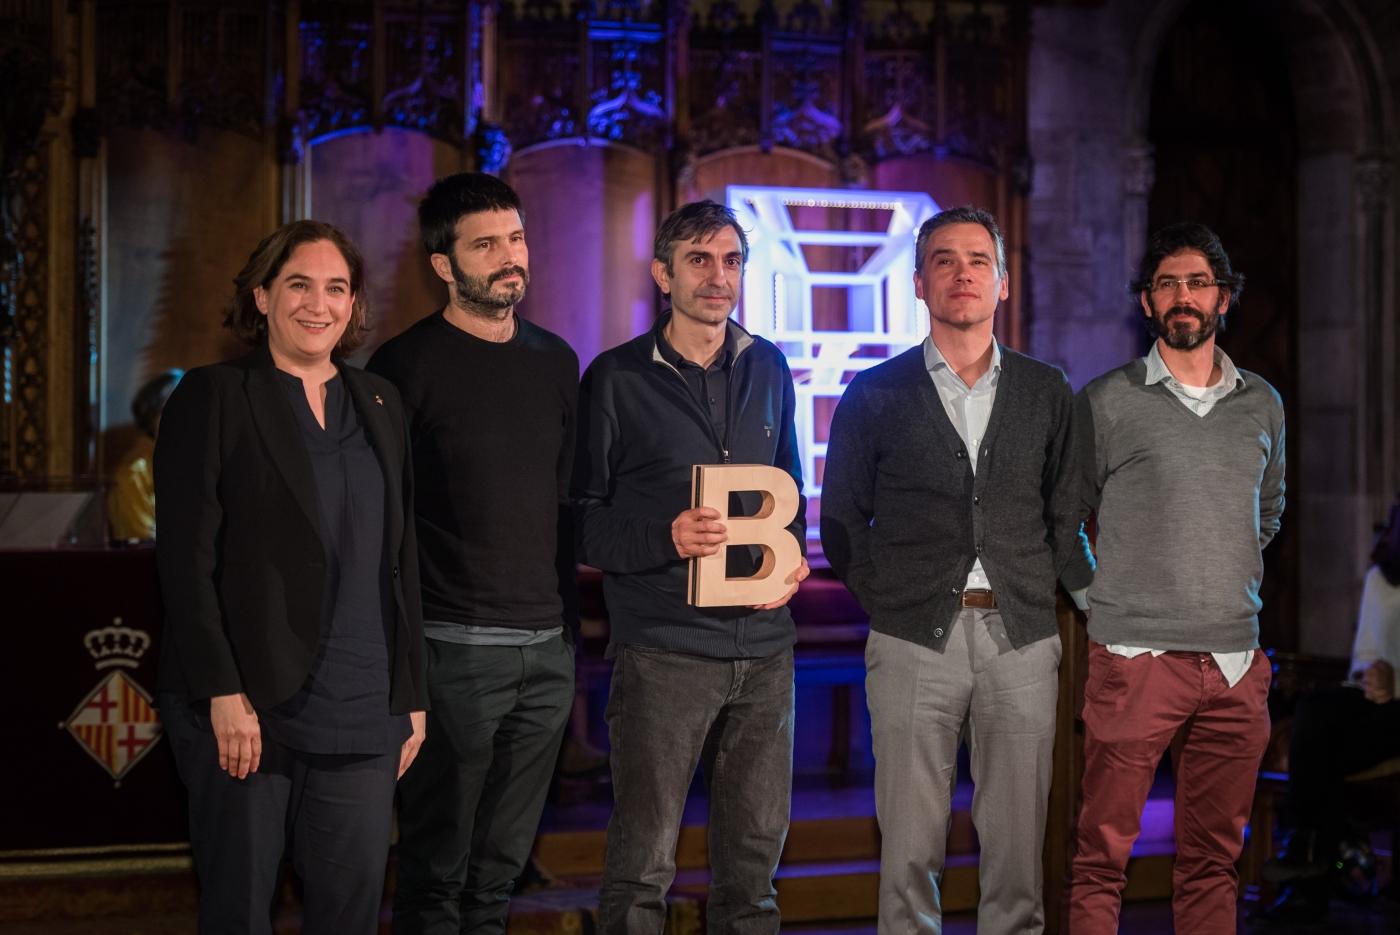 Harquitectes - Premi Ciutat de Barcelona d'Arquitectura i Urbanisme 2017